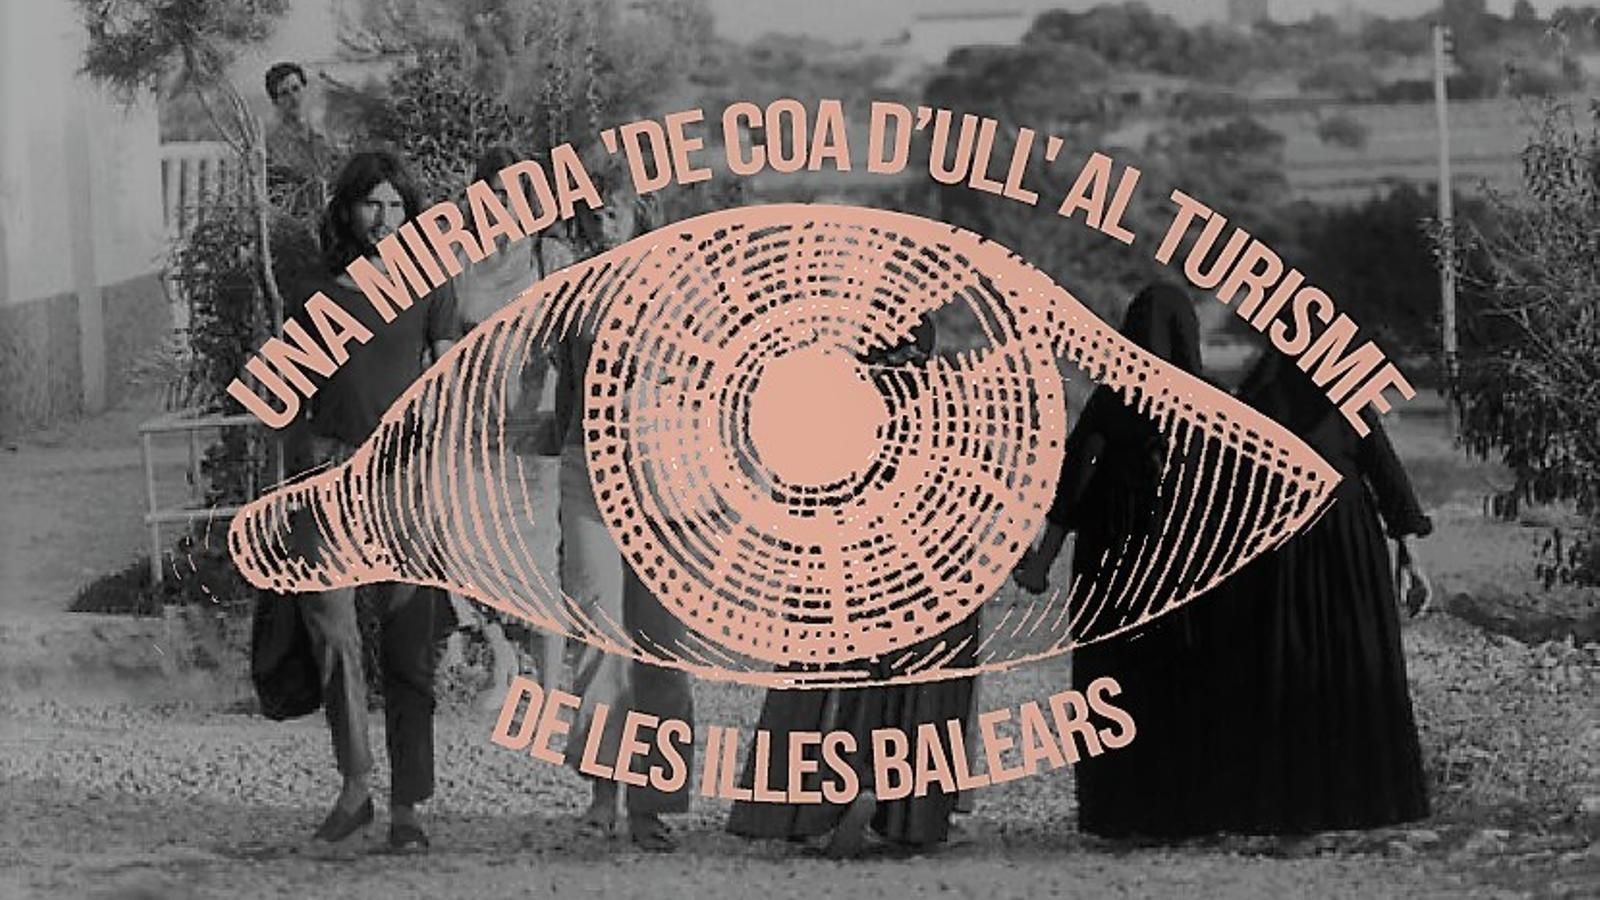 L'ARA Balears publica un dossier digital amb els articles de 'Turista de coa d'ull' d'Antoni Janer